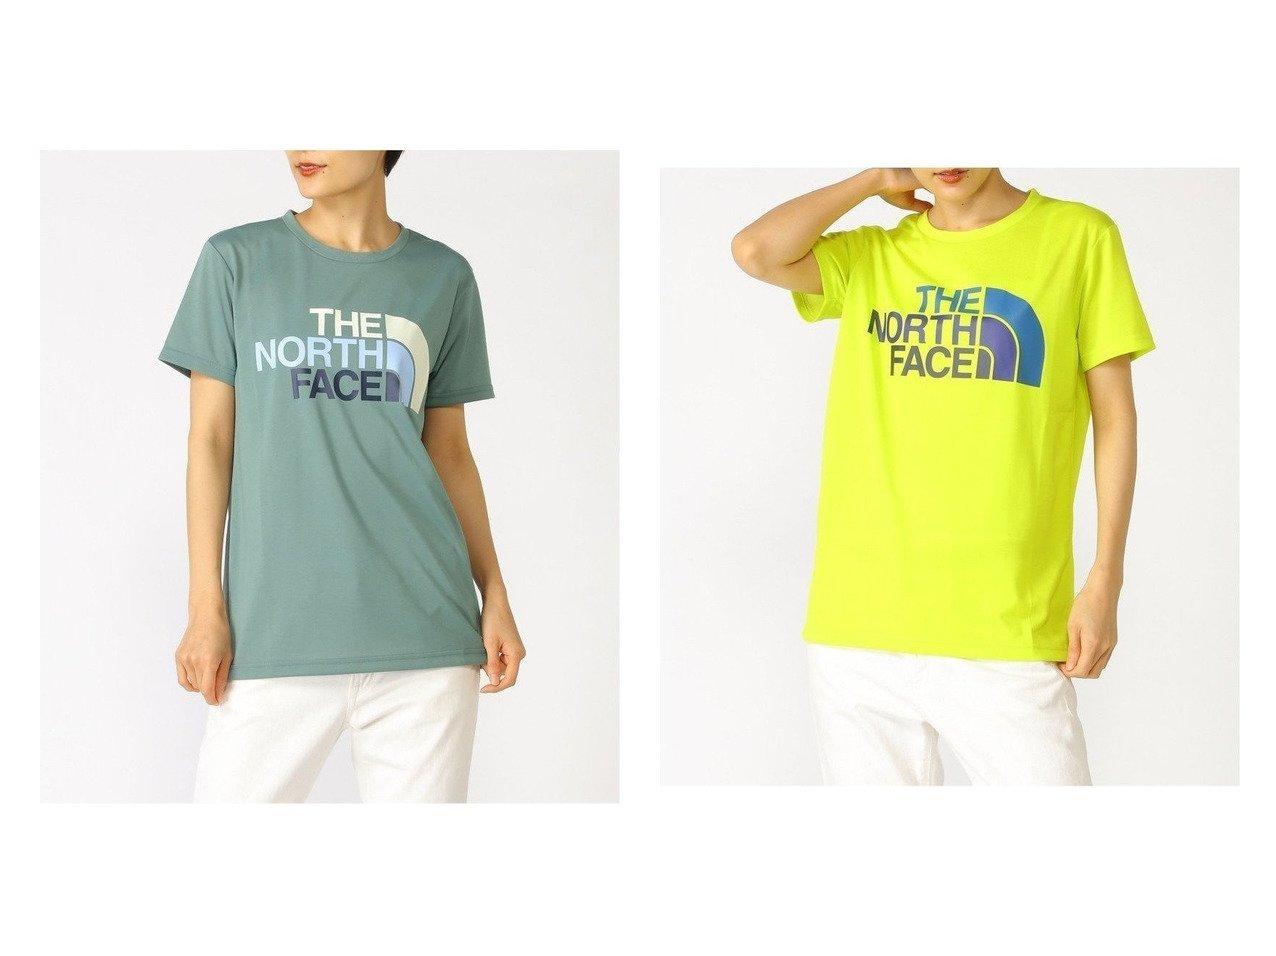 【KOJITUSANSO/好日山荘】のザノースフェースS Colorful Logo Tee おすすめ!人気、トレンド・レディースファッションの通販 おすすめで人気の流行・トレンド、ファッションの通販商品 インテリア・家具・メンズファッション・キッズファッション・レディースファッション・服の通販 founy(ファニー) https://founy.com/ ファッション Fashion レディースファッション WOMEN トップス・カットソー Tops/Tshirt シャツ/ブラウス Shirts/Blouses ロング / Tシャツ T-Shirts カットソー Cut and Sewn S/S・春夏 SS・Spring/Summer カットソー グラデーション グラフィック ミックス 夏 Summer  ID:crp329100000061256